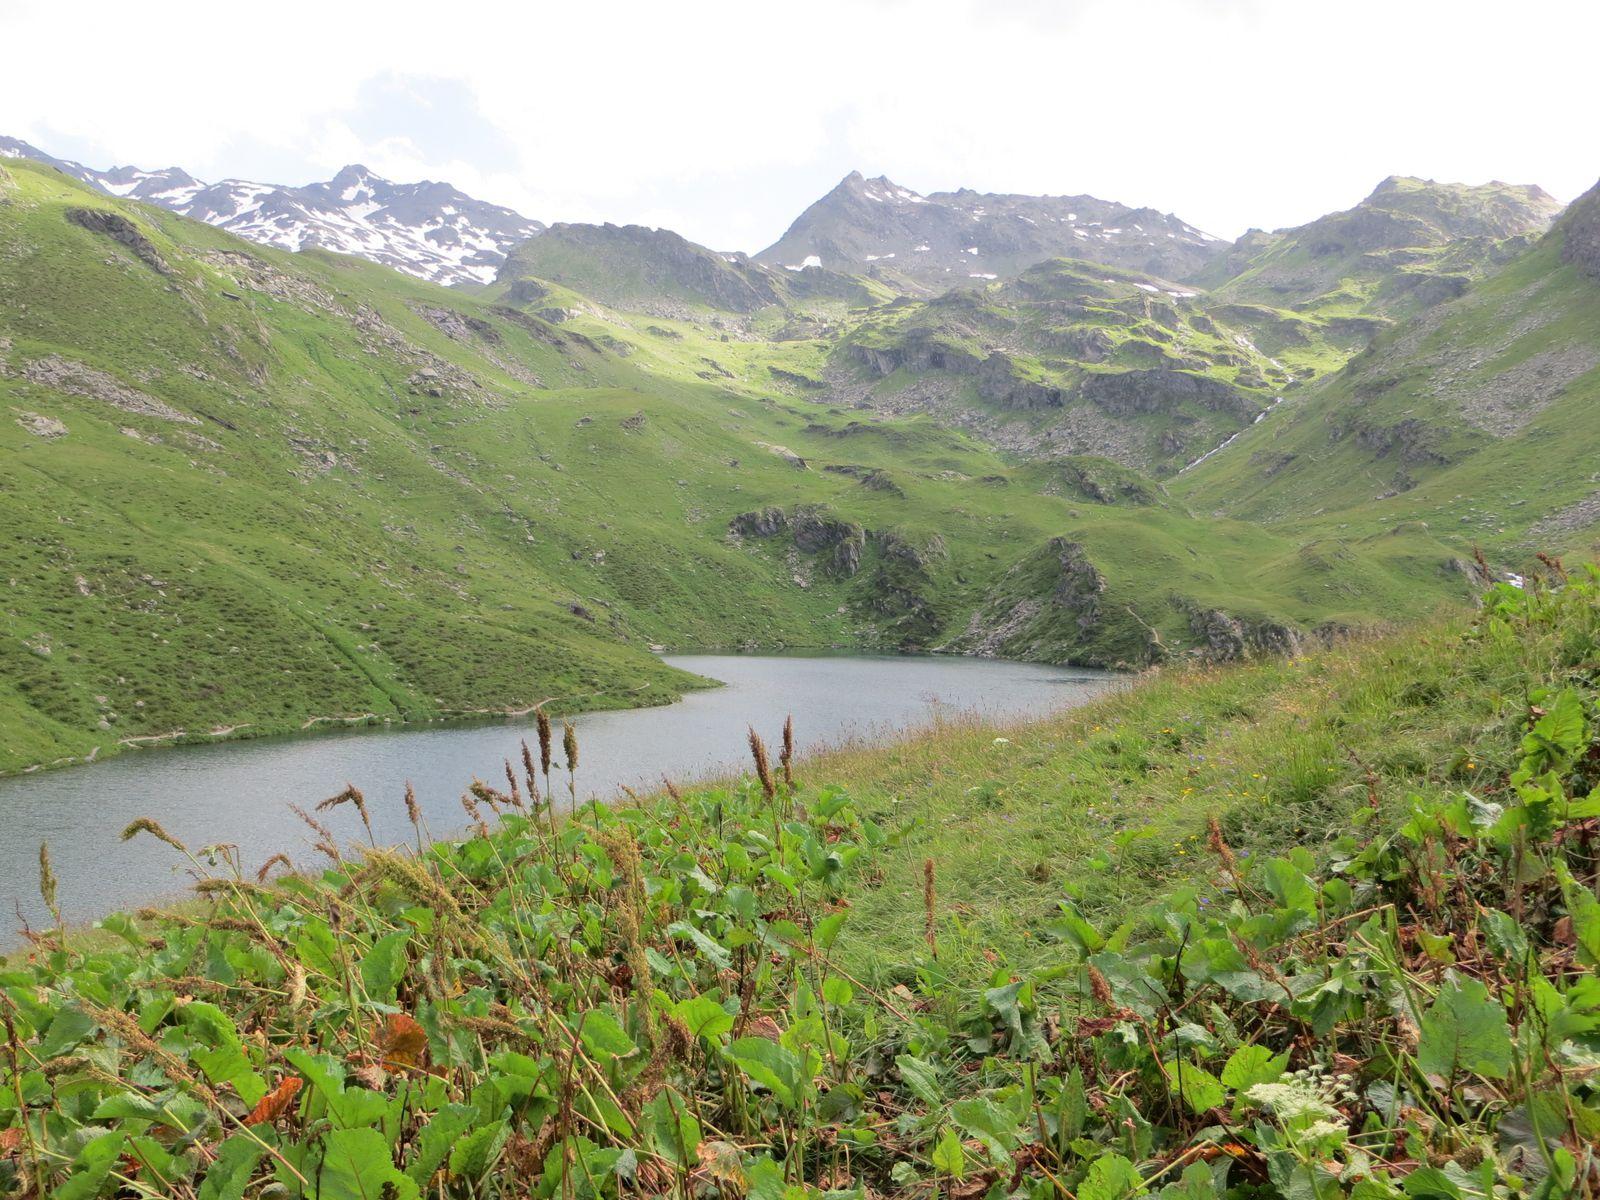 Randonnée Montagne - Lacs de Montfiot - Pointe de la Masse (Vanoise)